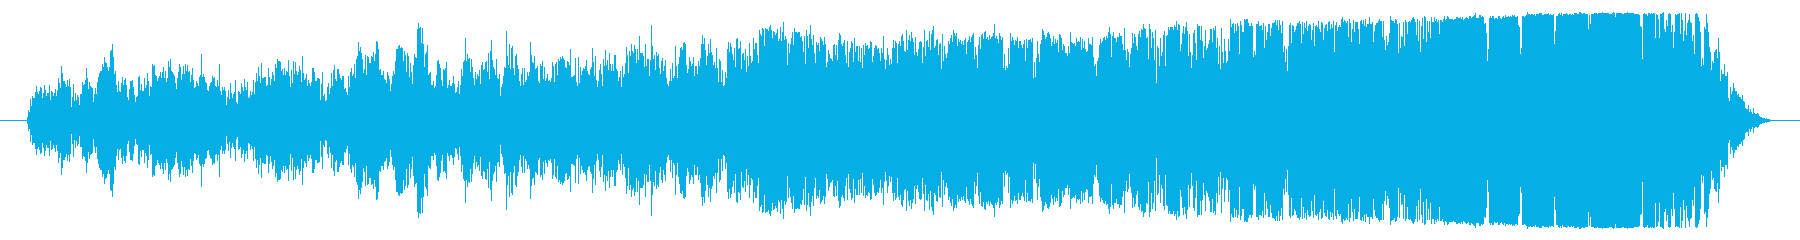 モーターパワーアップの不具合の再生済みの波形